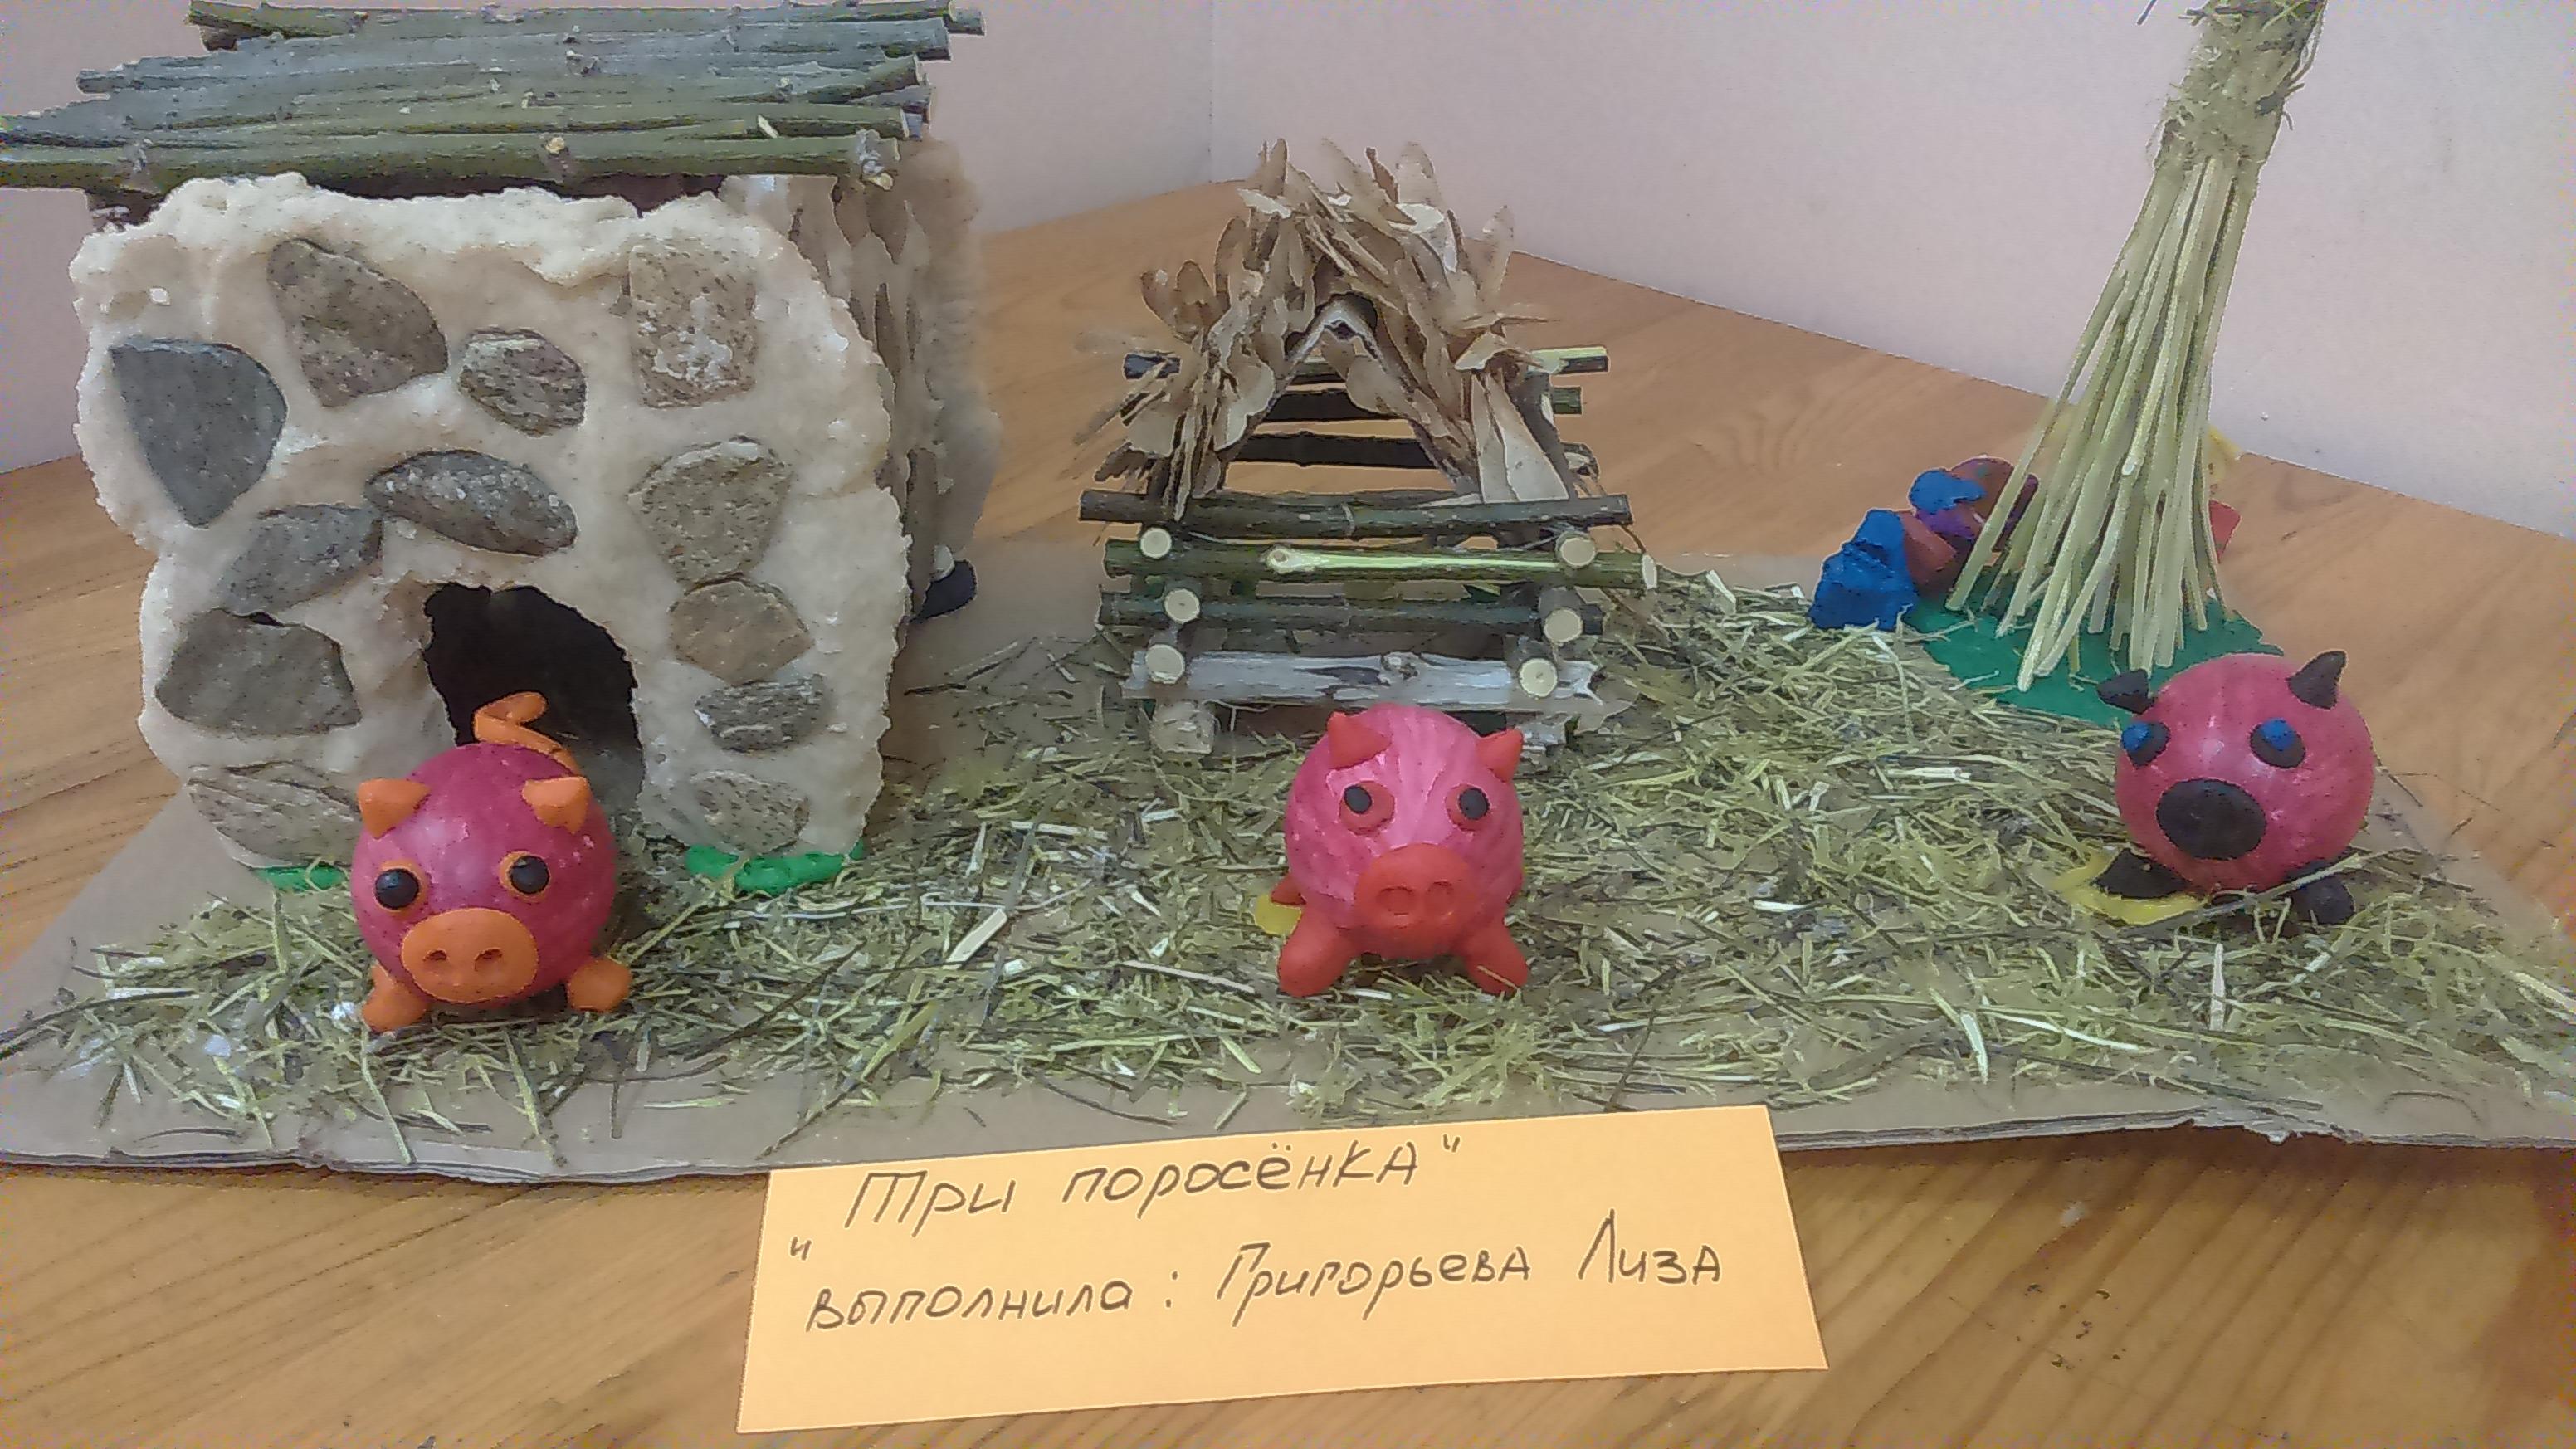 Поделки на тему русских народных сказок фото